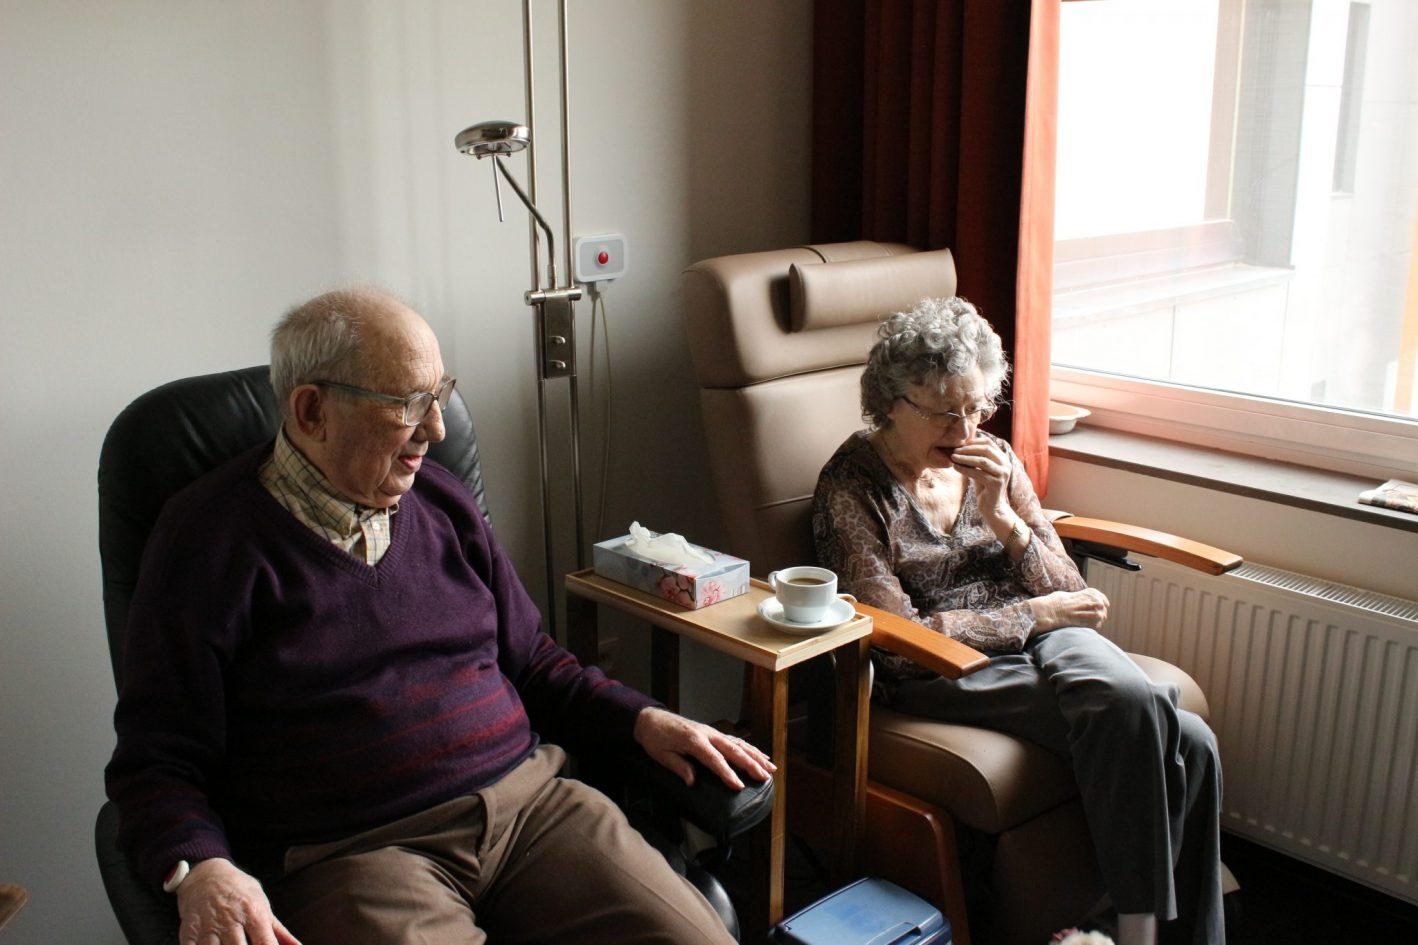 vecchiaia e quello che serve per stare bene a csa